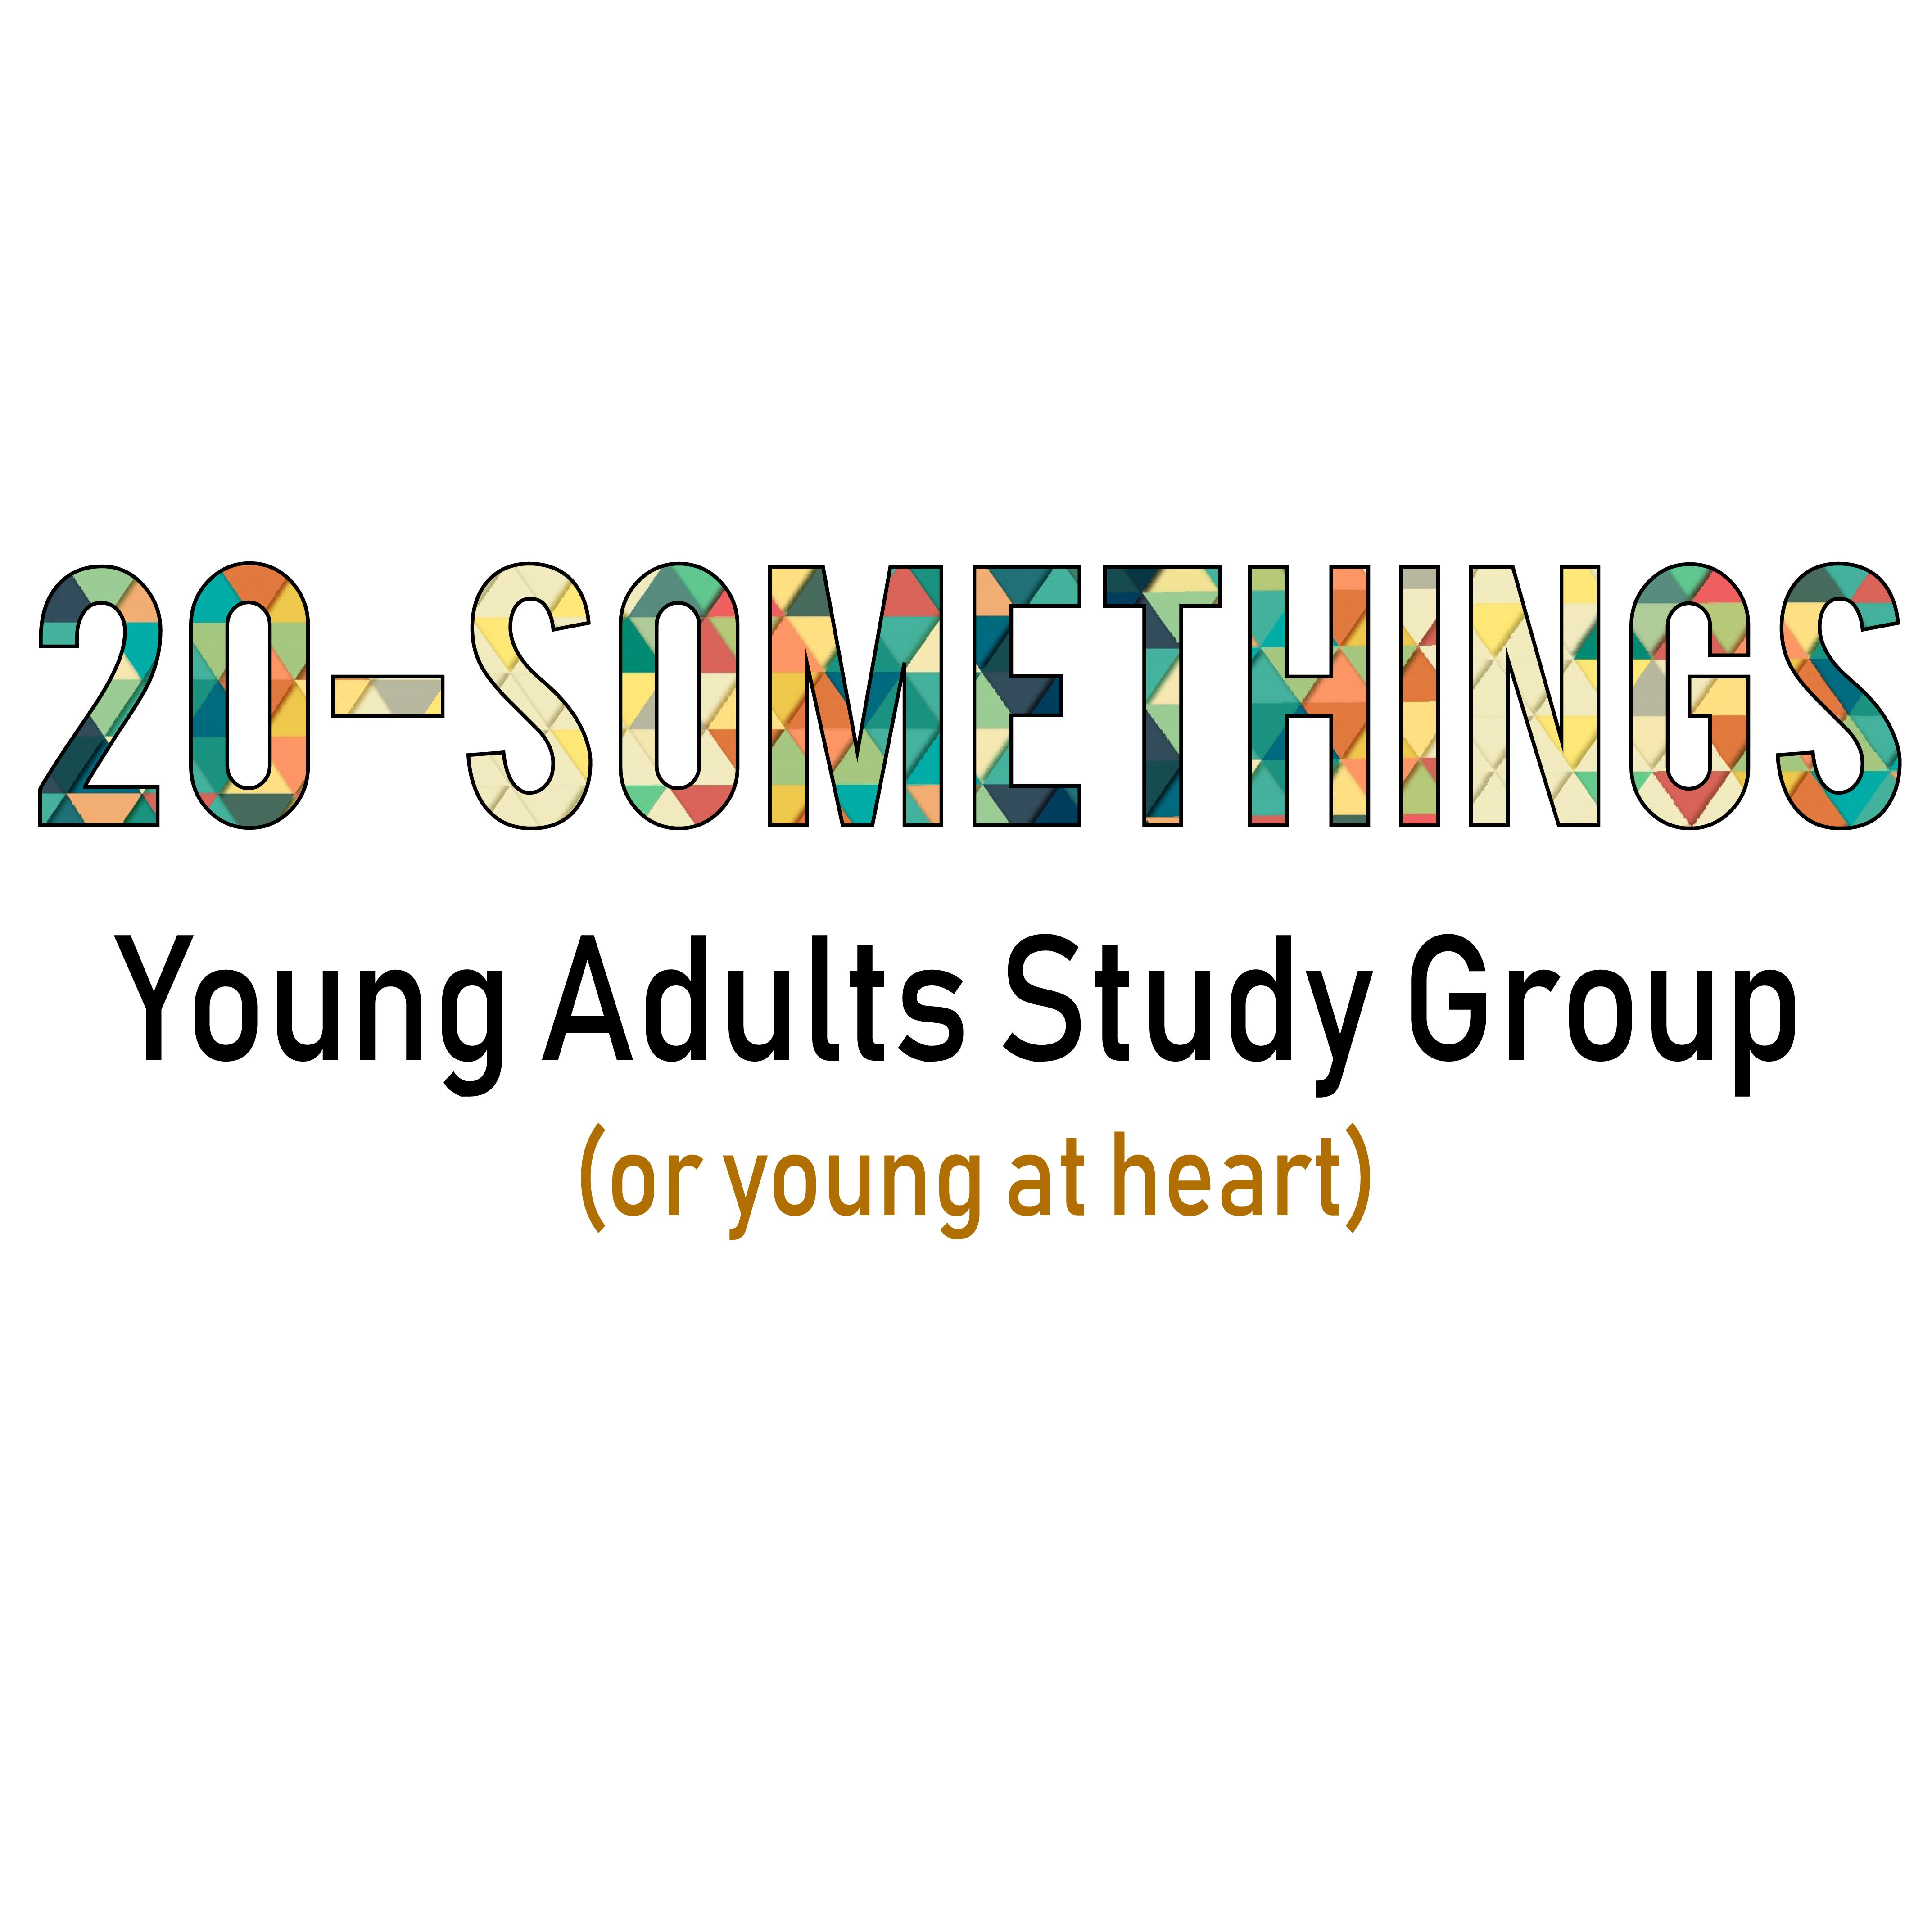 20 Somethings